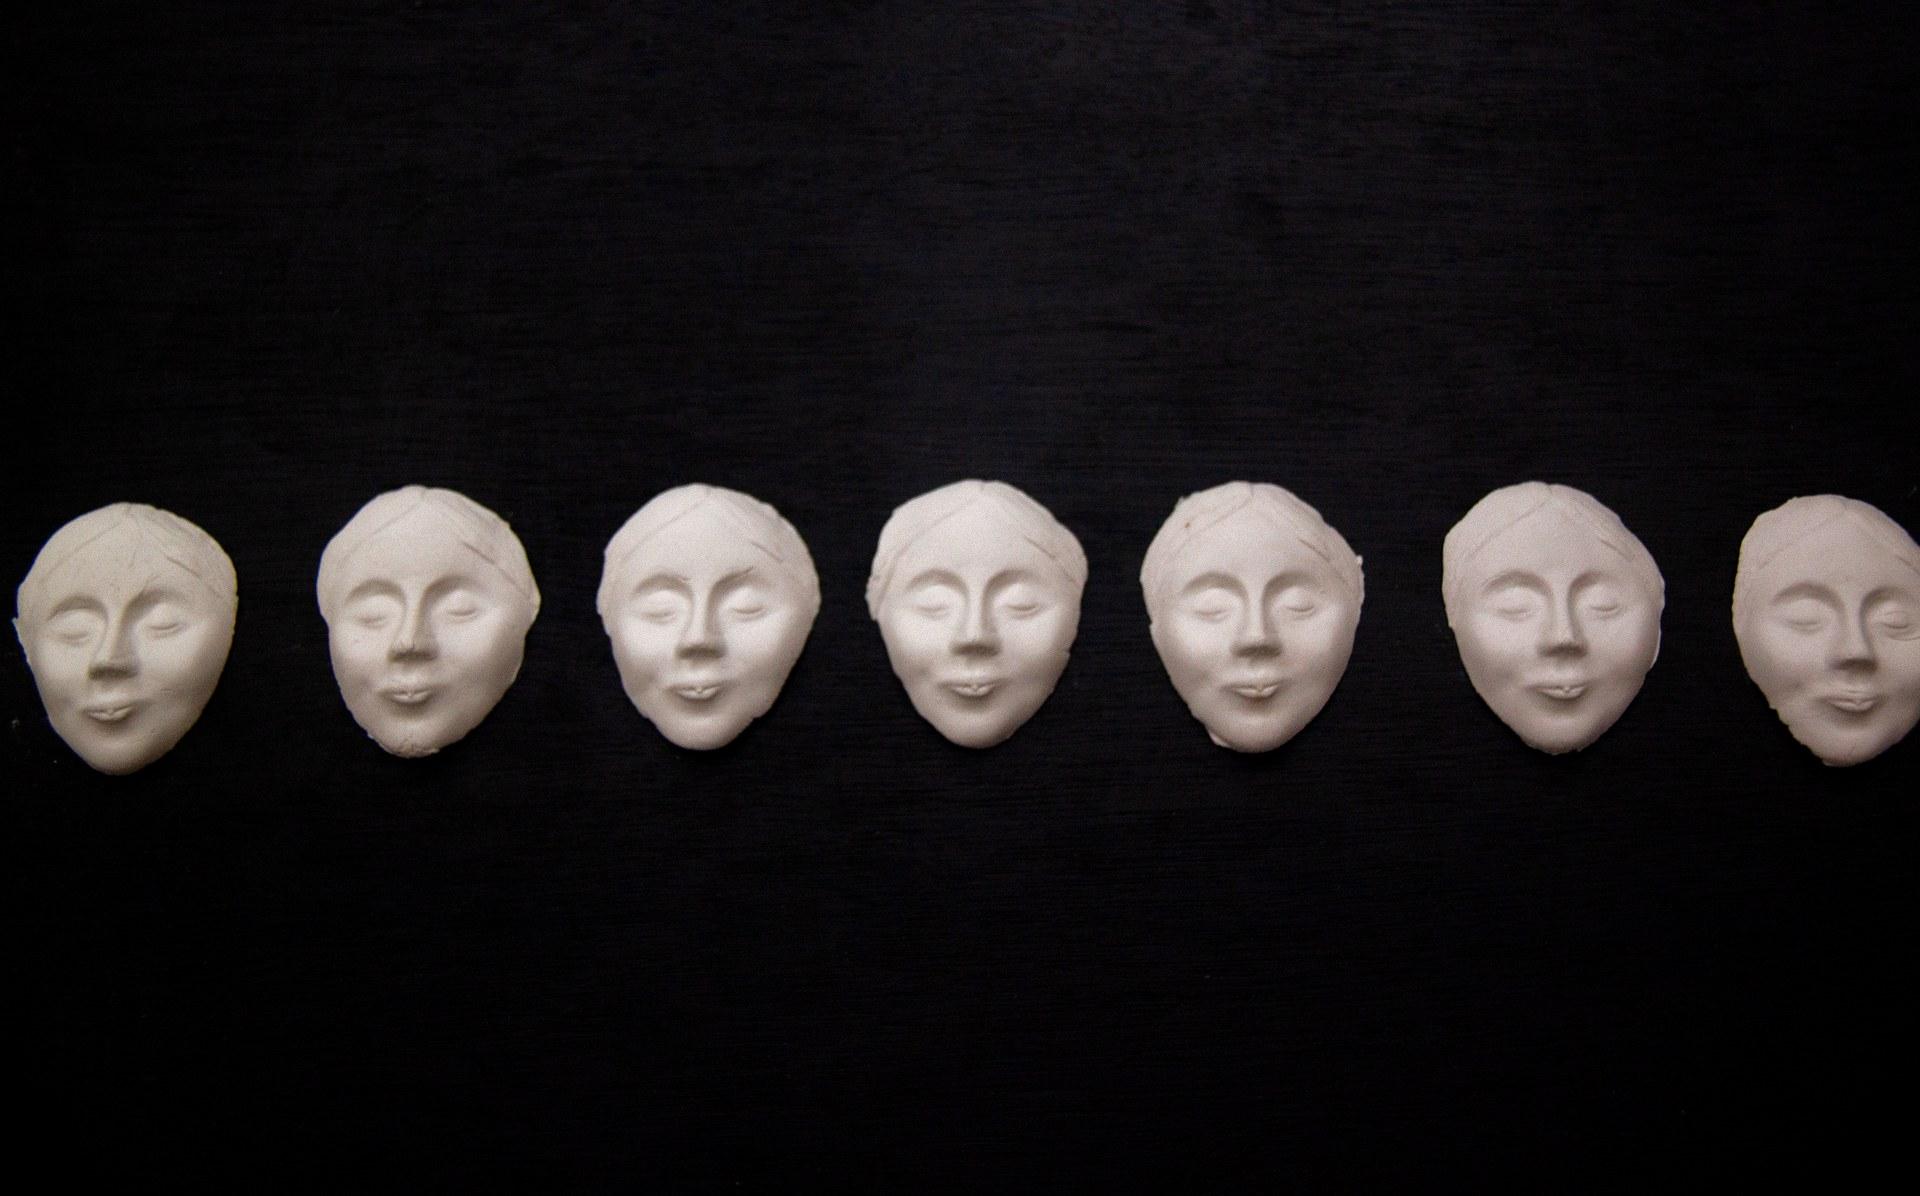 L'Inconnue masks